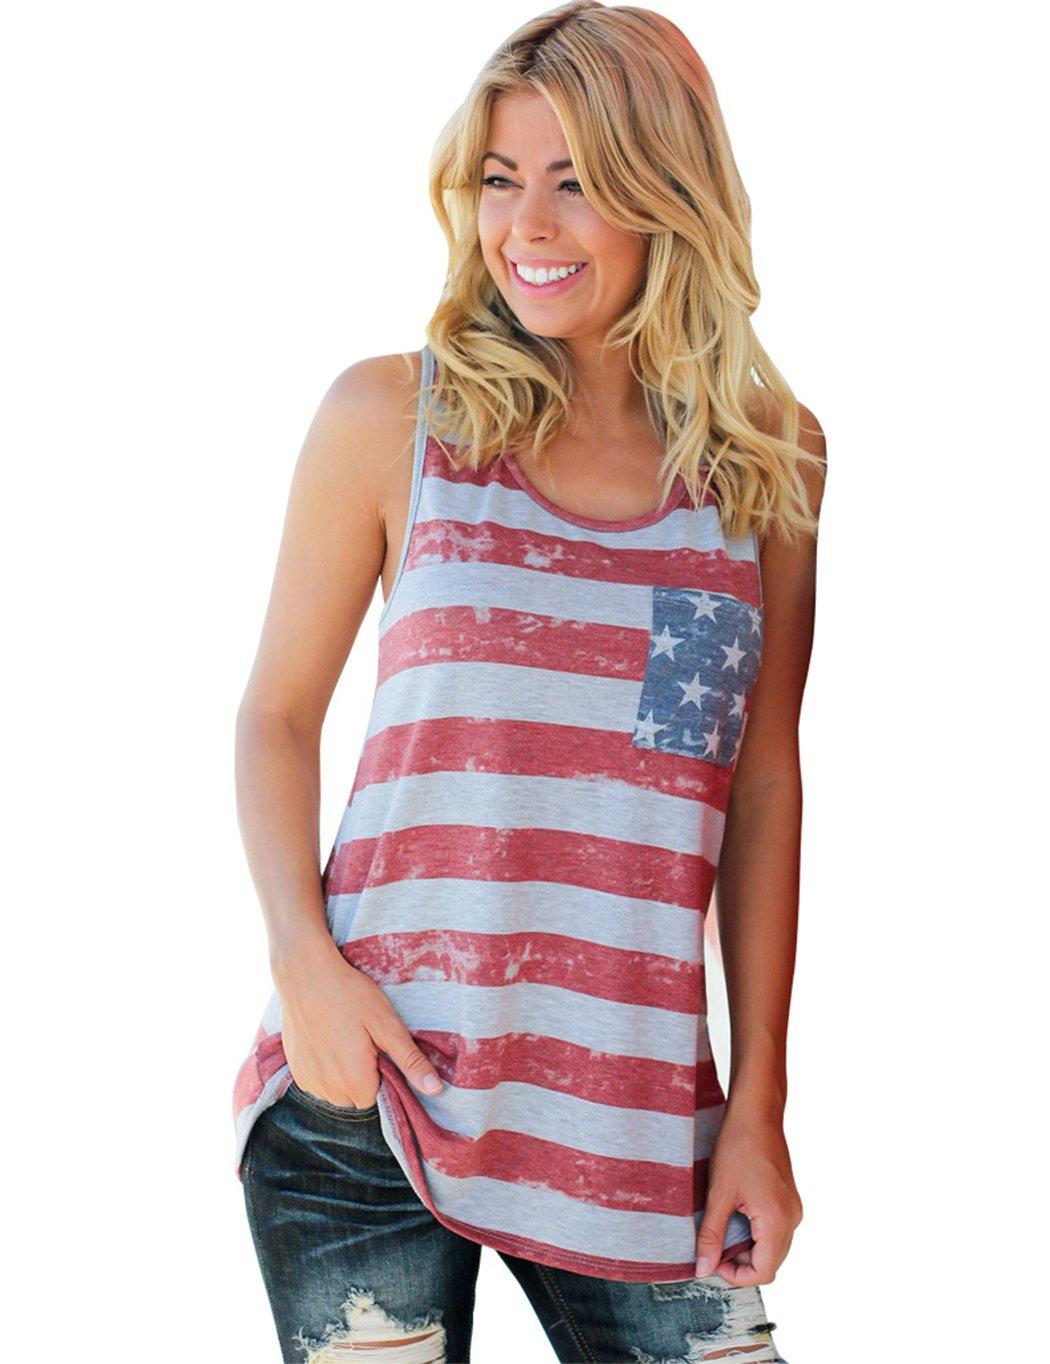 Litbud Women\'s American Flag Shirt Tanks top Stripe Sleeveless Patriotic Tee July 4th Tshirt